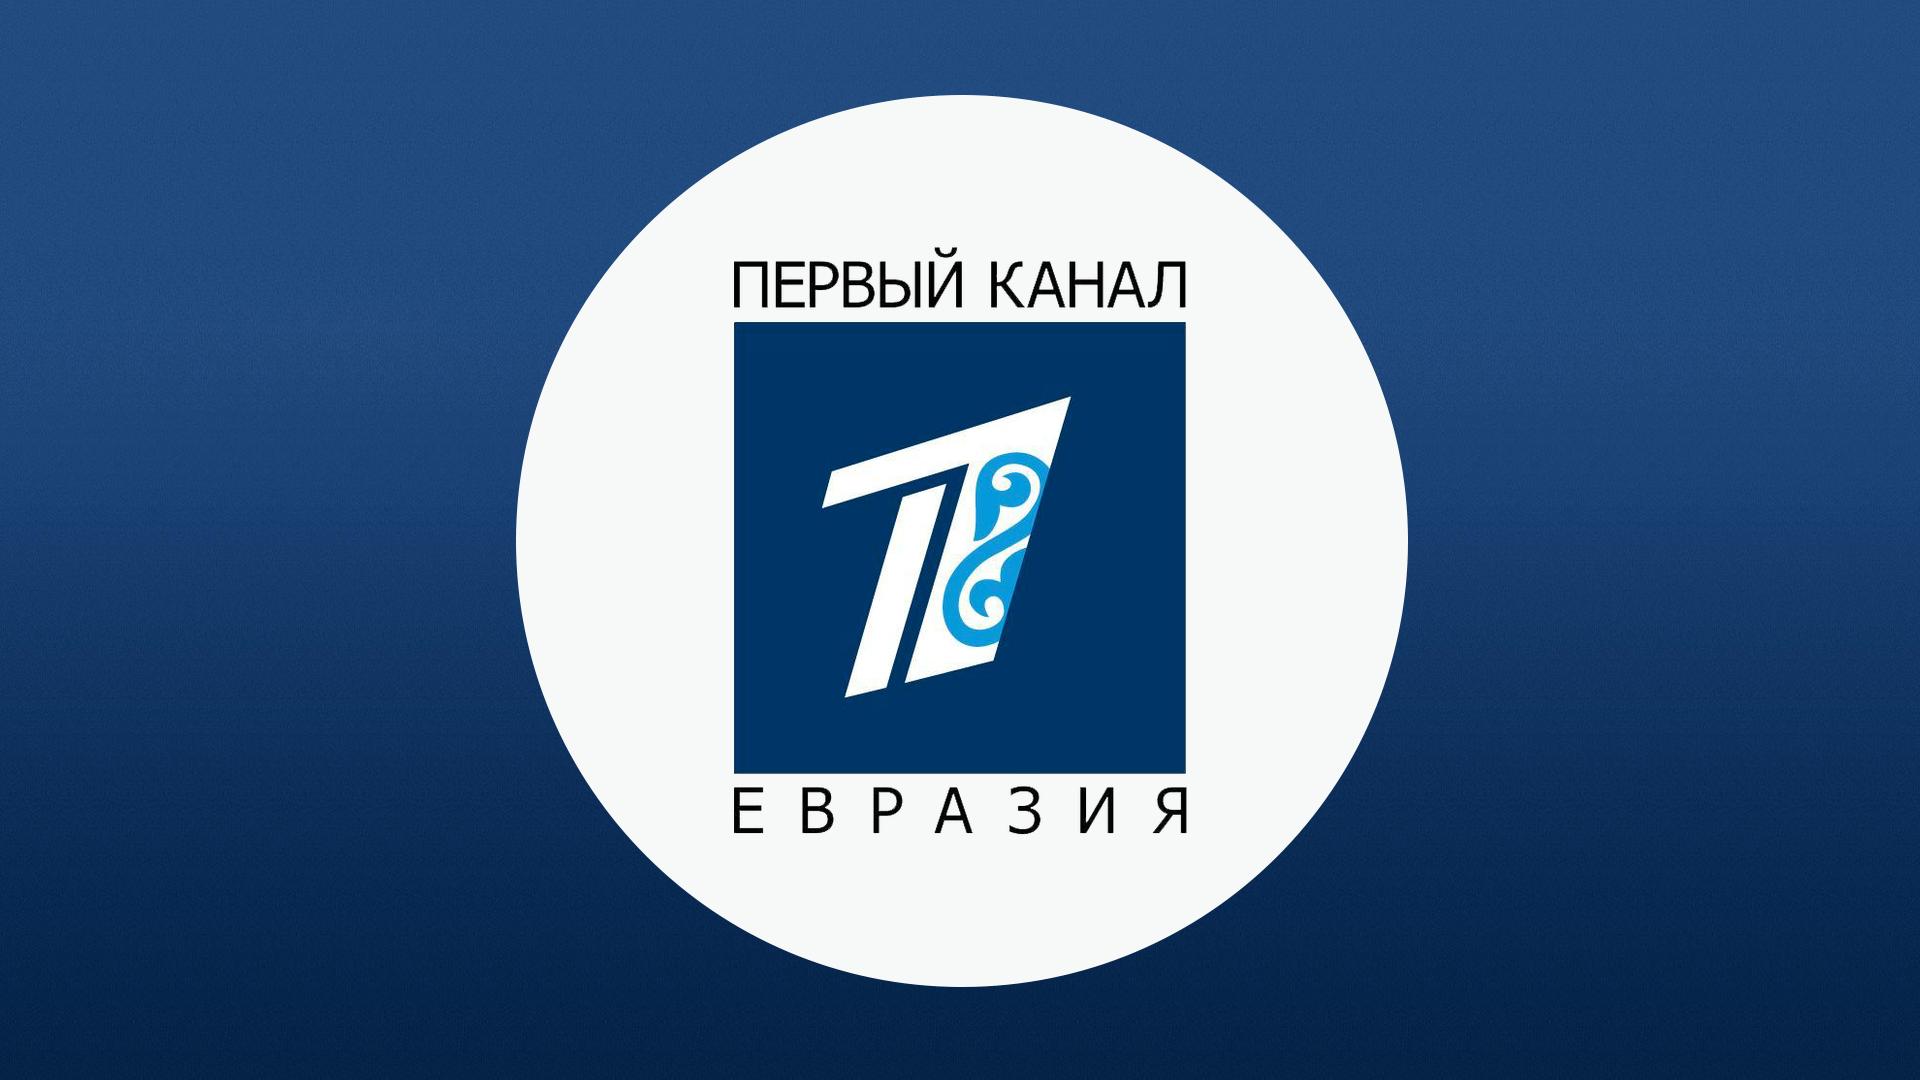 Первый канал Евразия